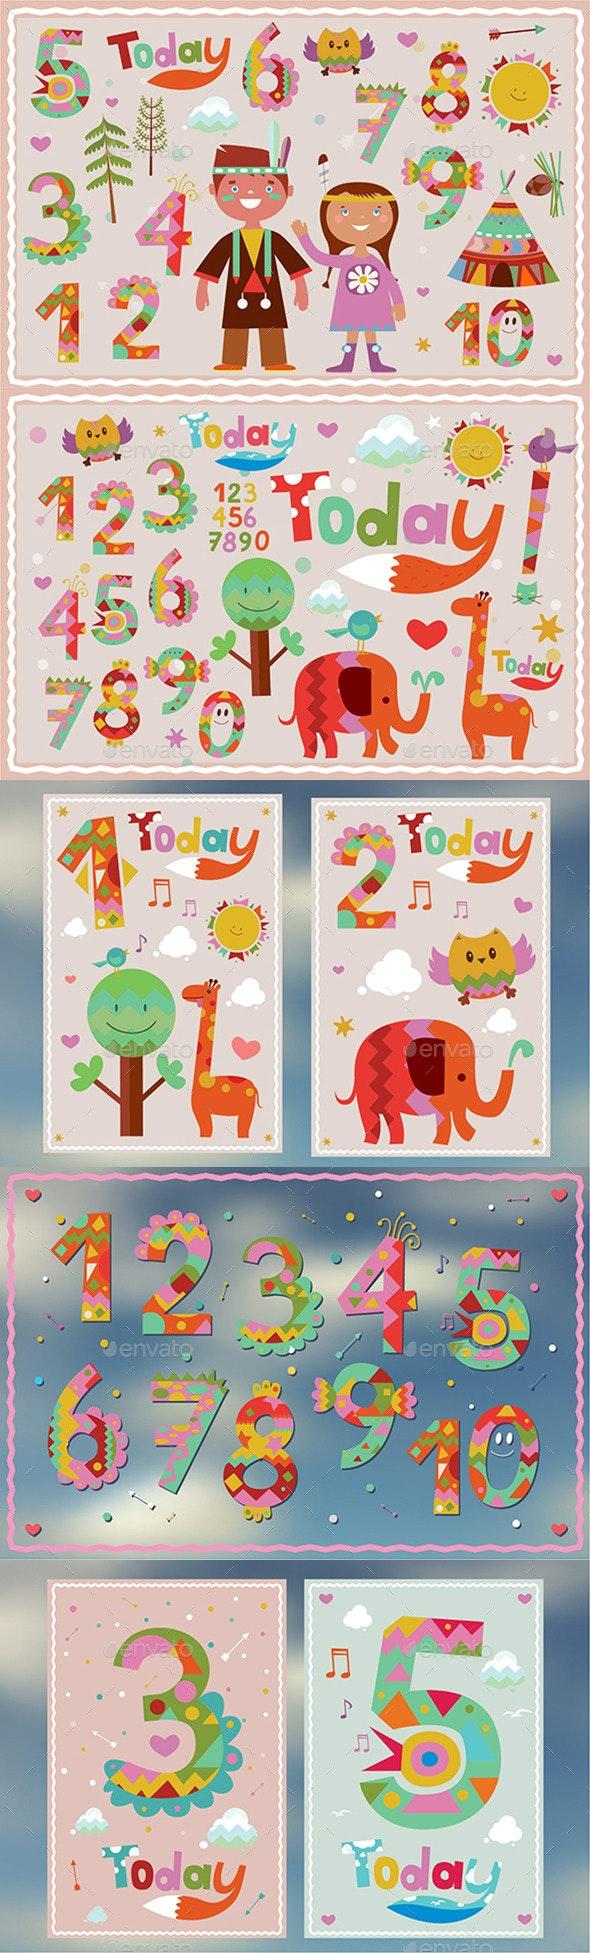 Happy Birthday Illustrations - Birthdays Seasons/Holidays